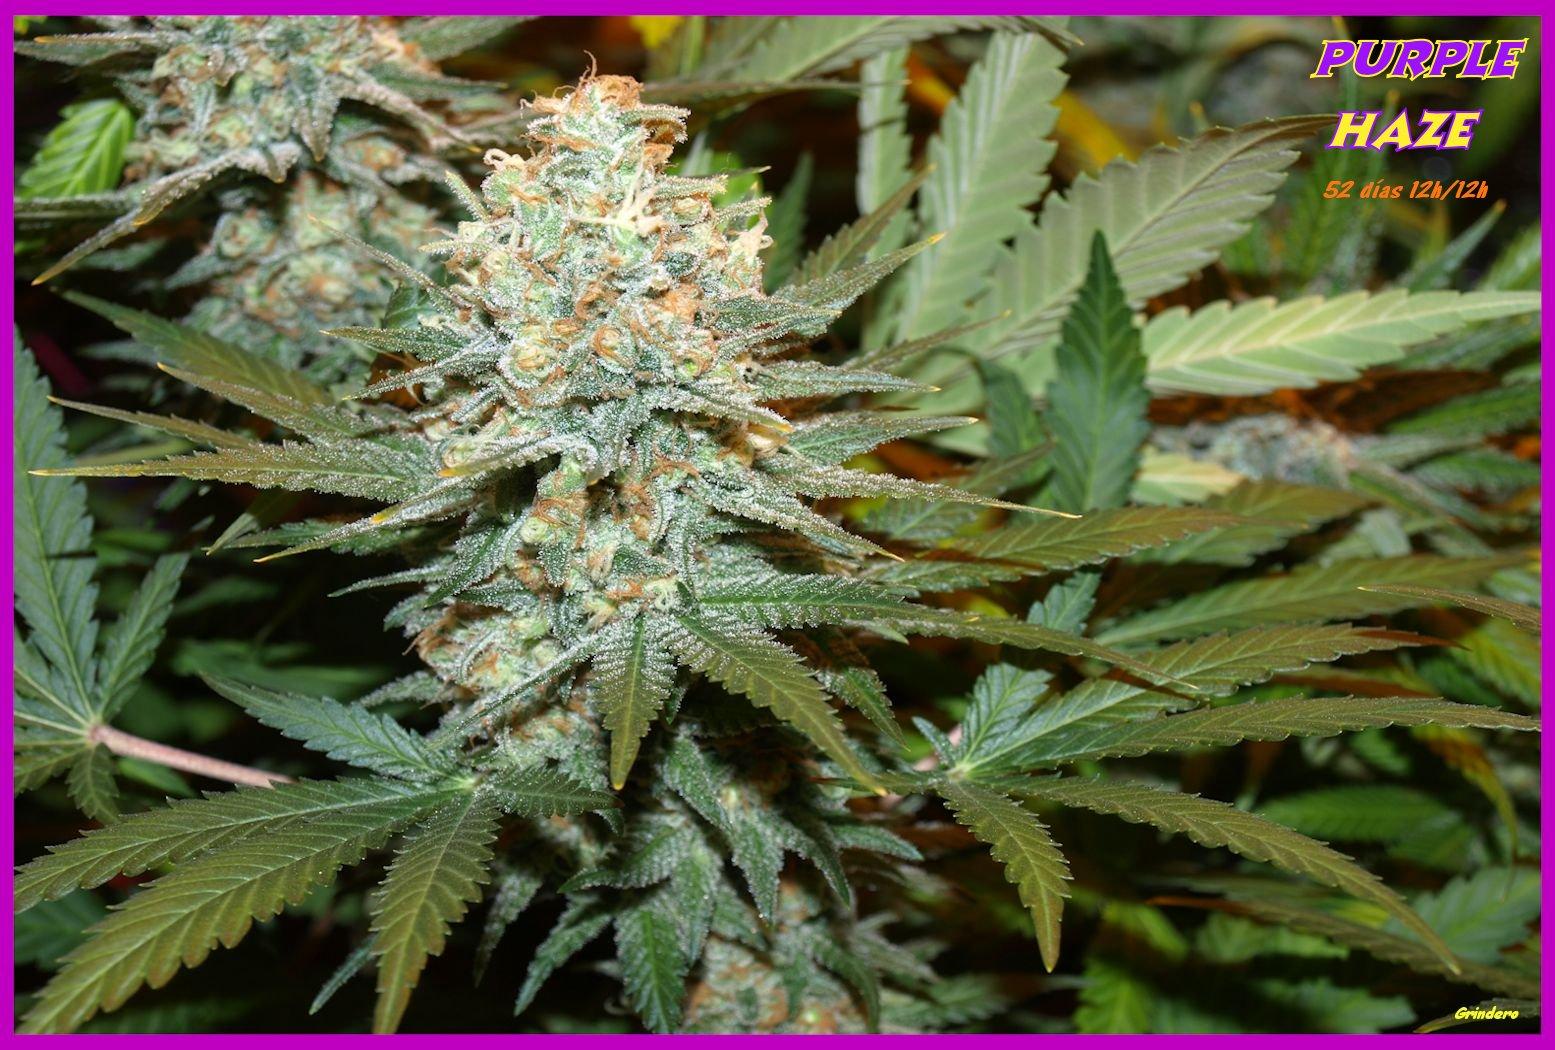 Purple haze de ace seeds variedades de marihuana for Produccion marihuana interior